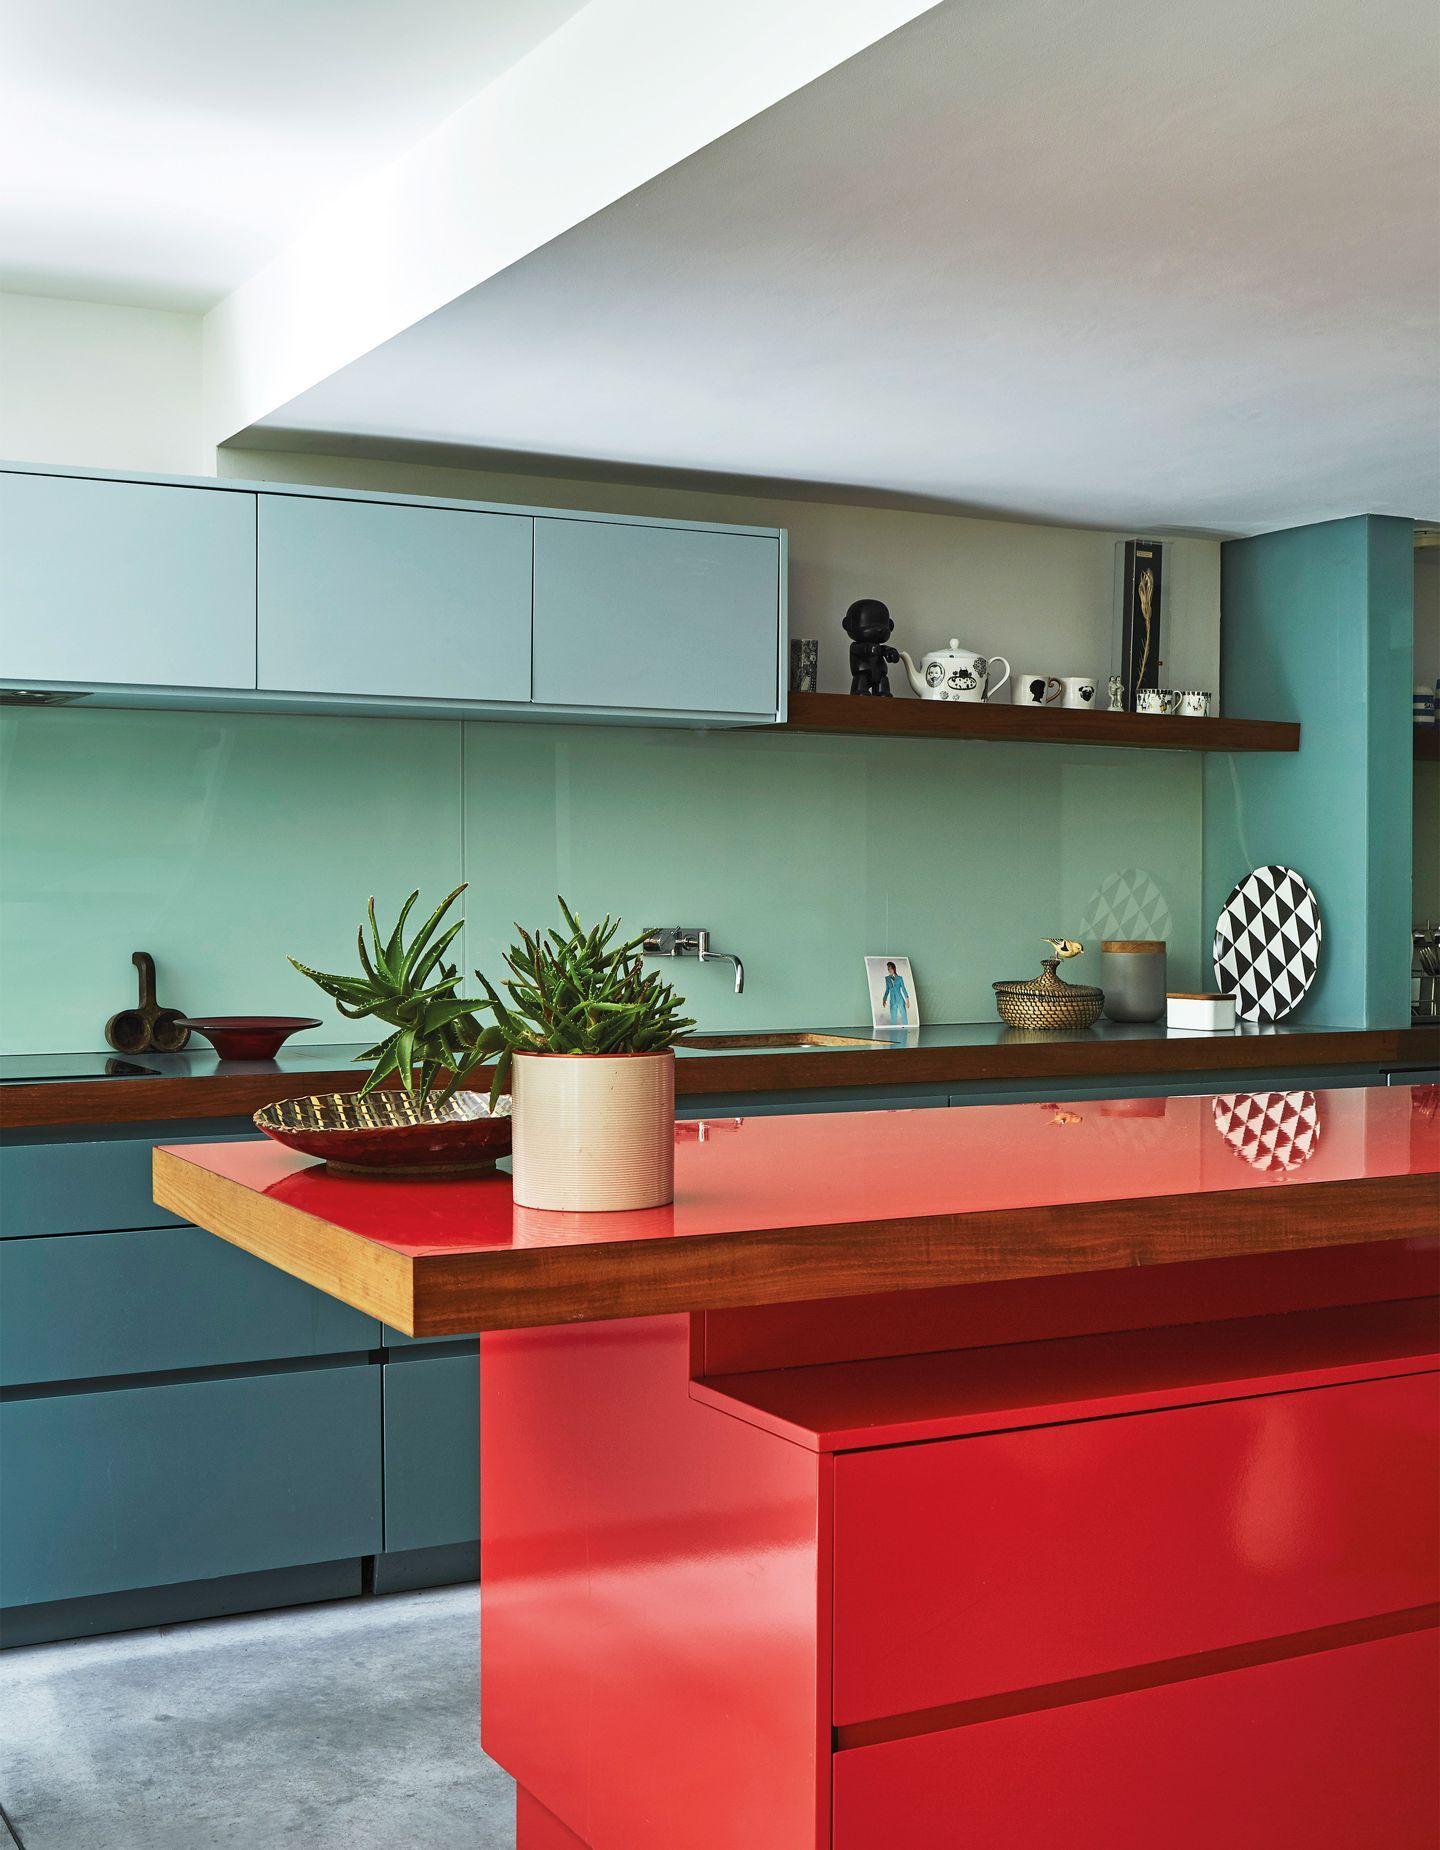 Innenarchitektur wohnzimmer für kleine wohnung textile designer charlene mullenus midcentury home  kitchen